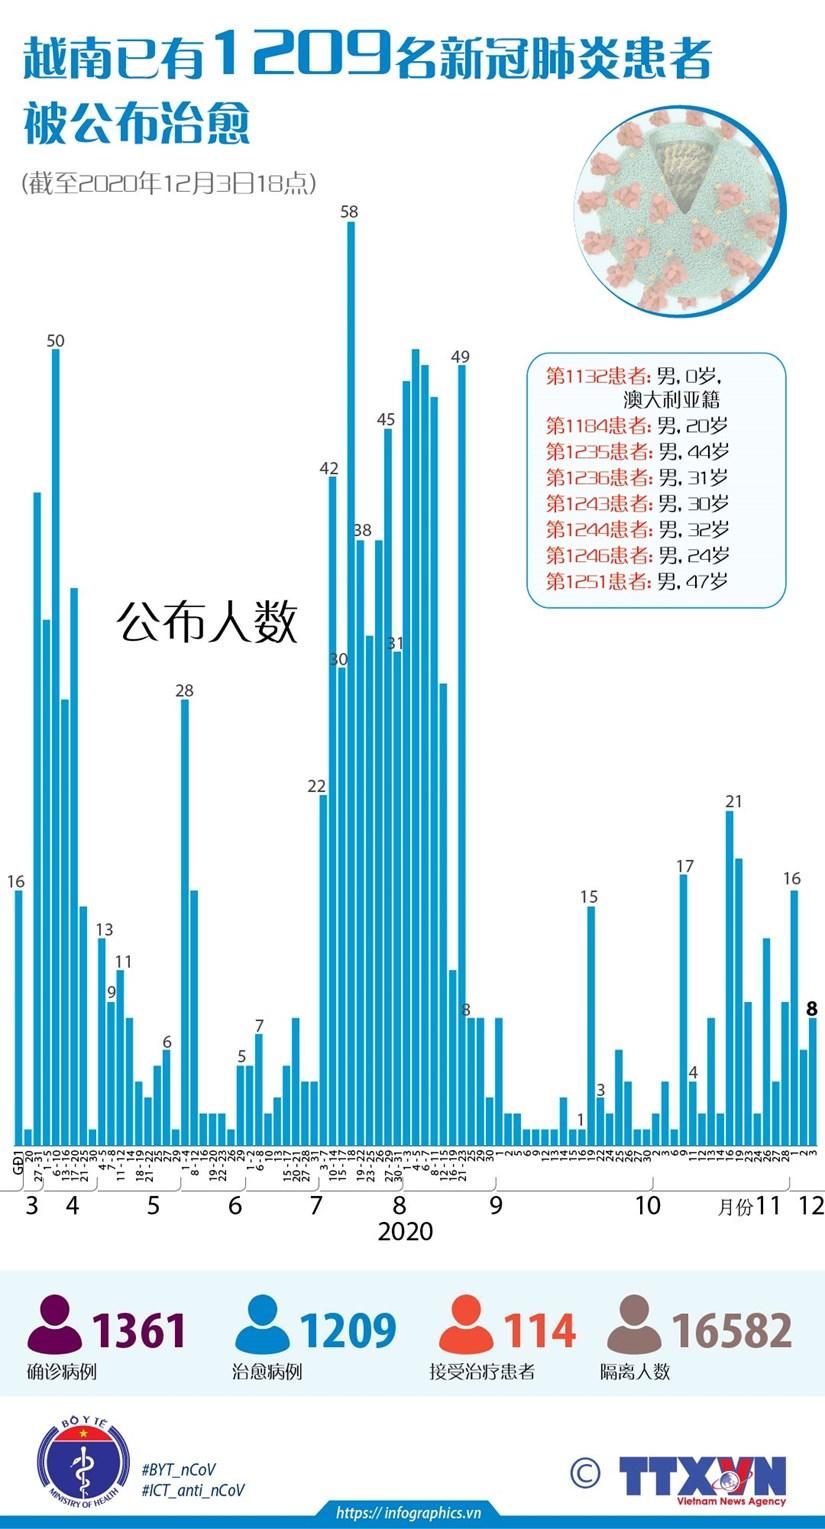 图表新闻:越南已有1209名新冠肺炎患者被公布治愈 hinh anh 1